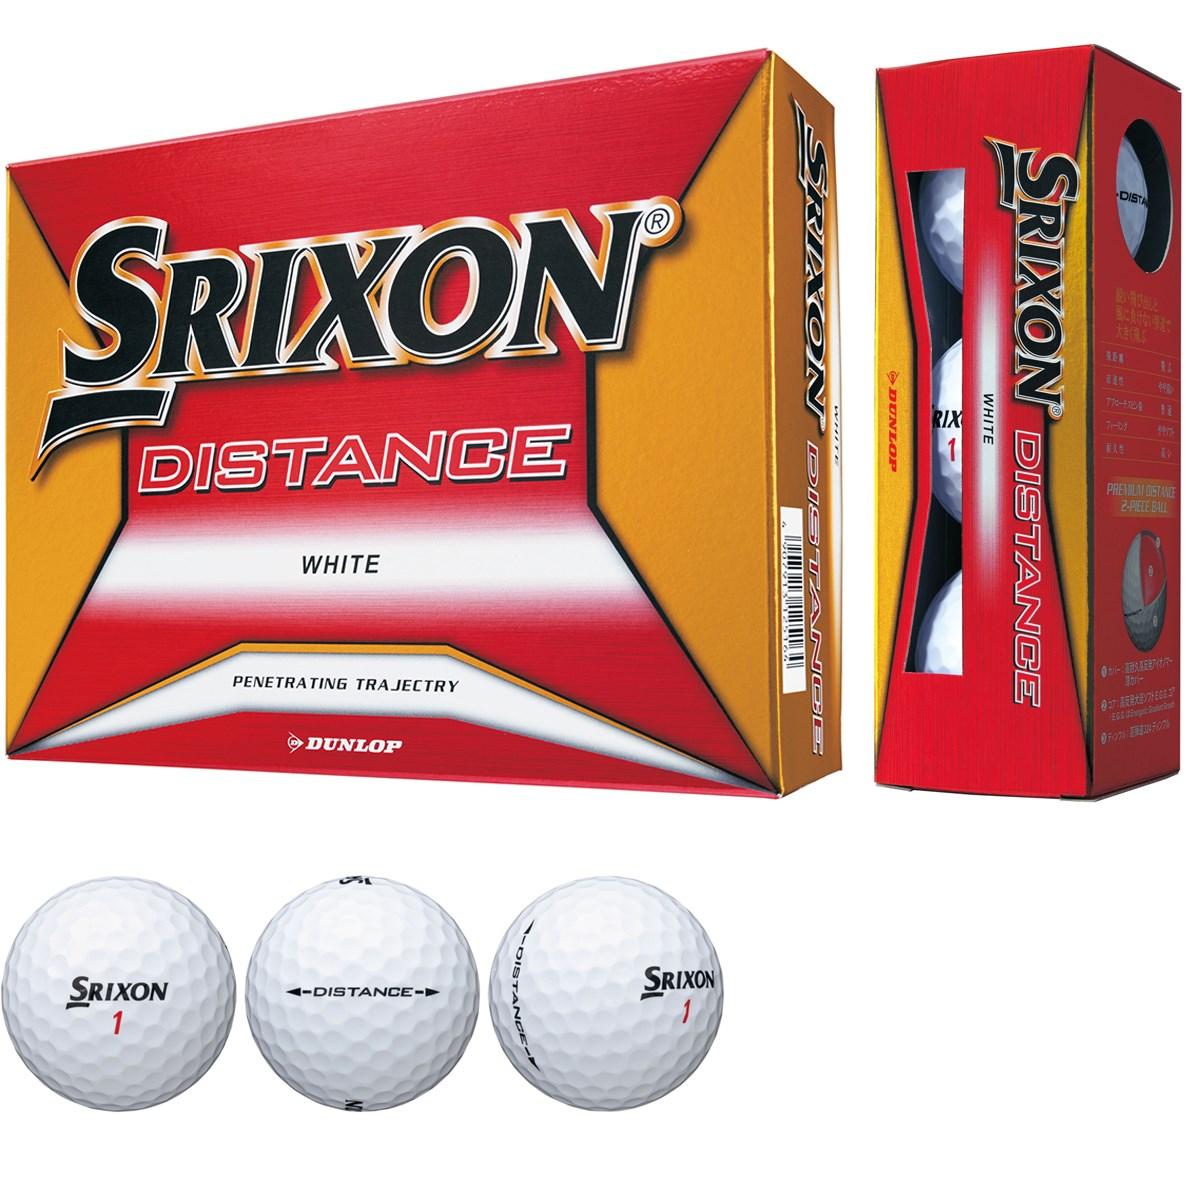 ダンロップ SRIXON スリクソン DISTANCE8 ボール 1ダース(12個入り) ホワイト